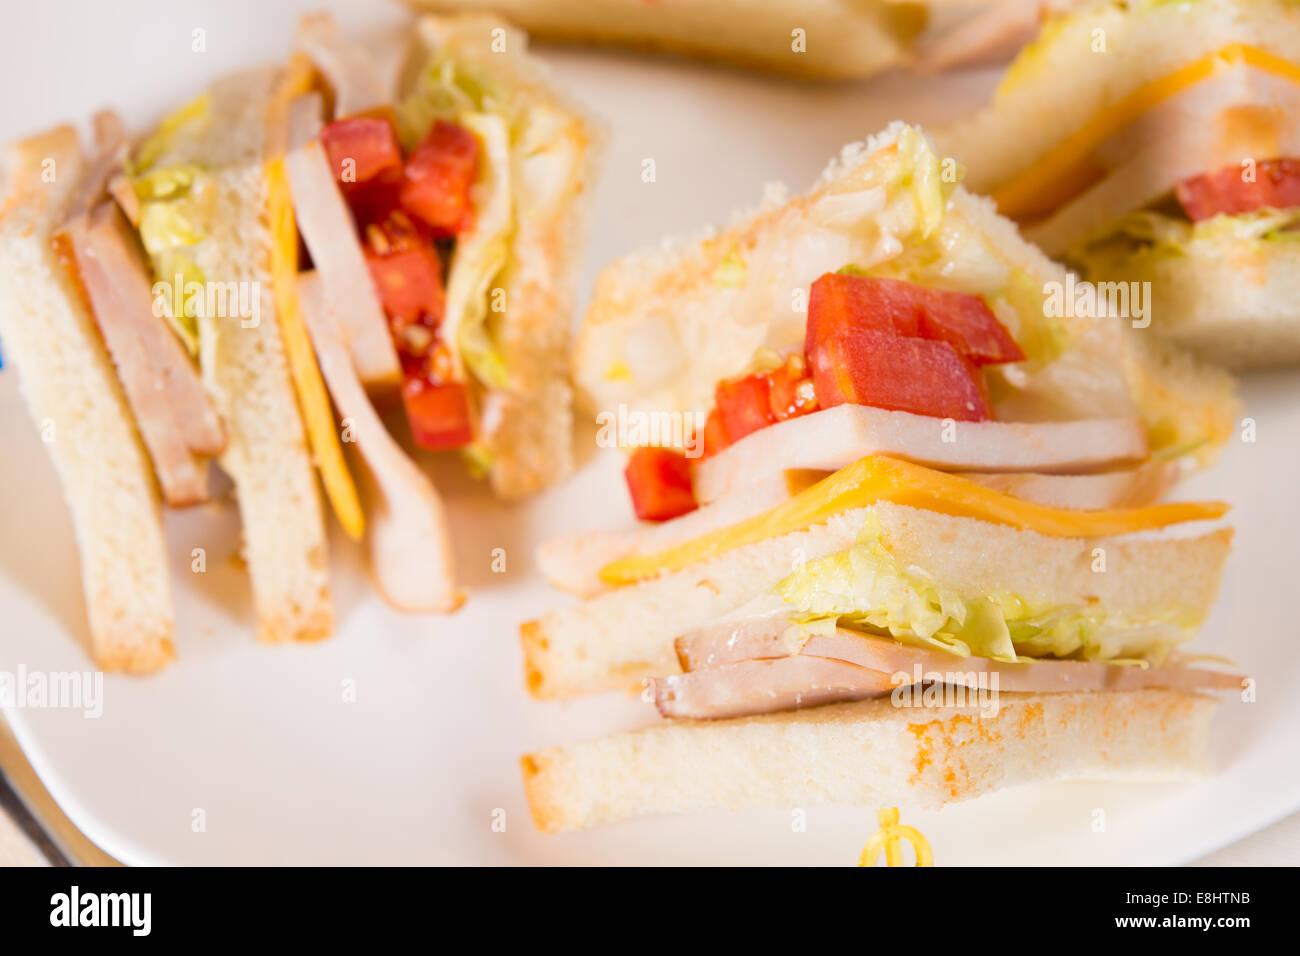 Detail of Triple Decker Sandwich on Plate Stock Photo